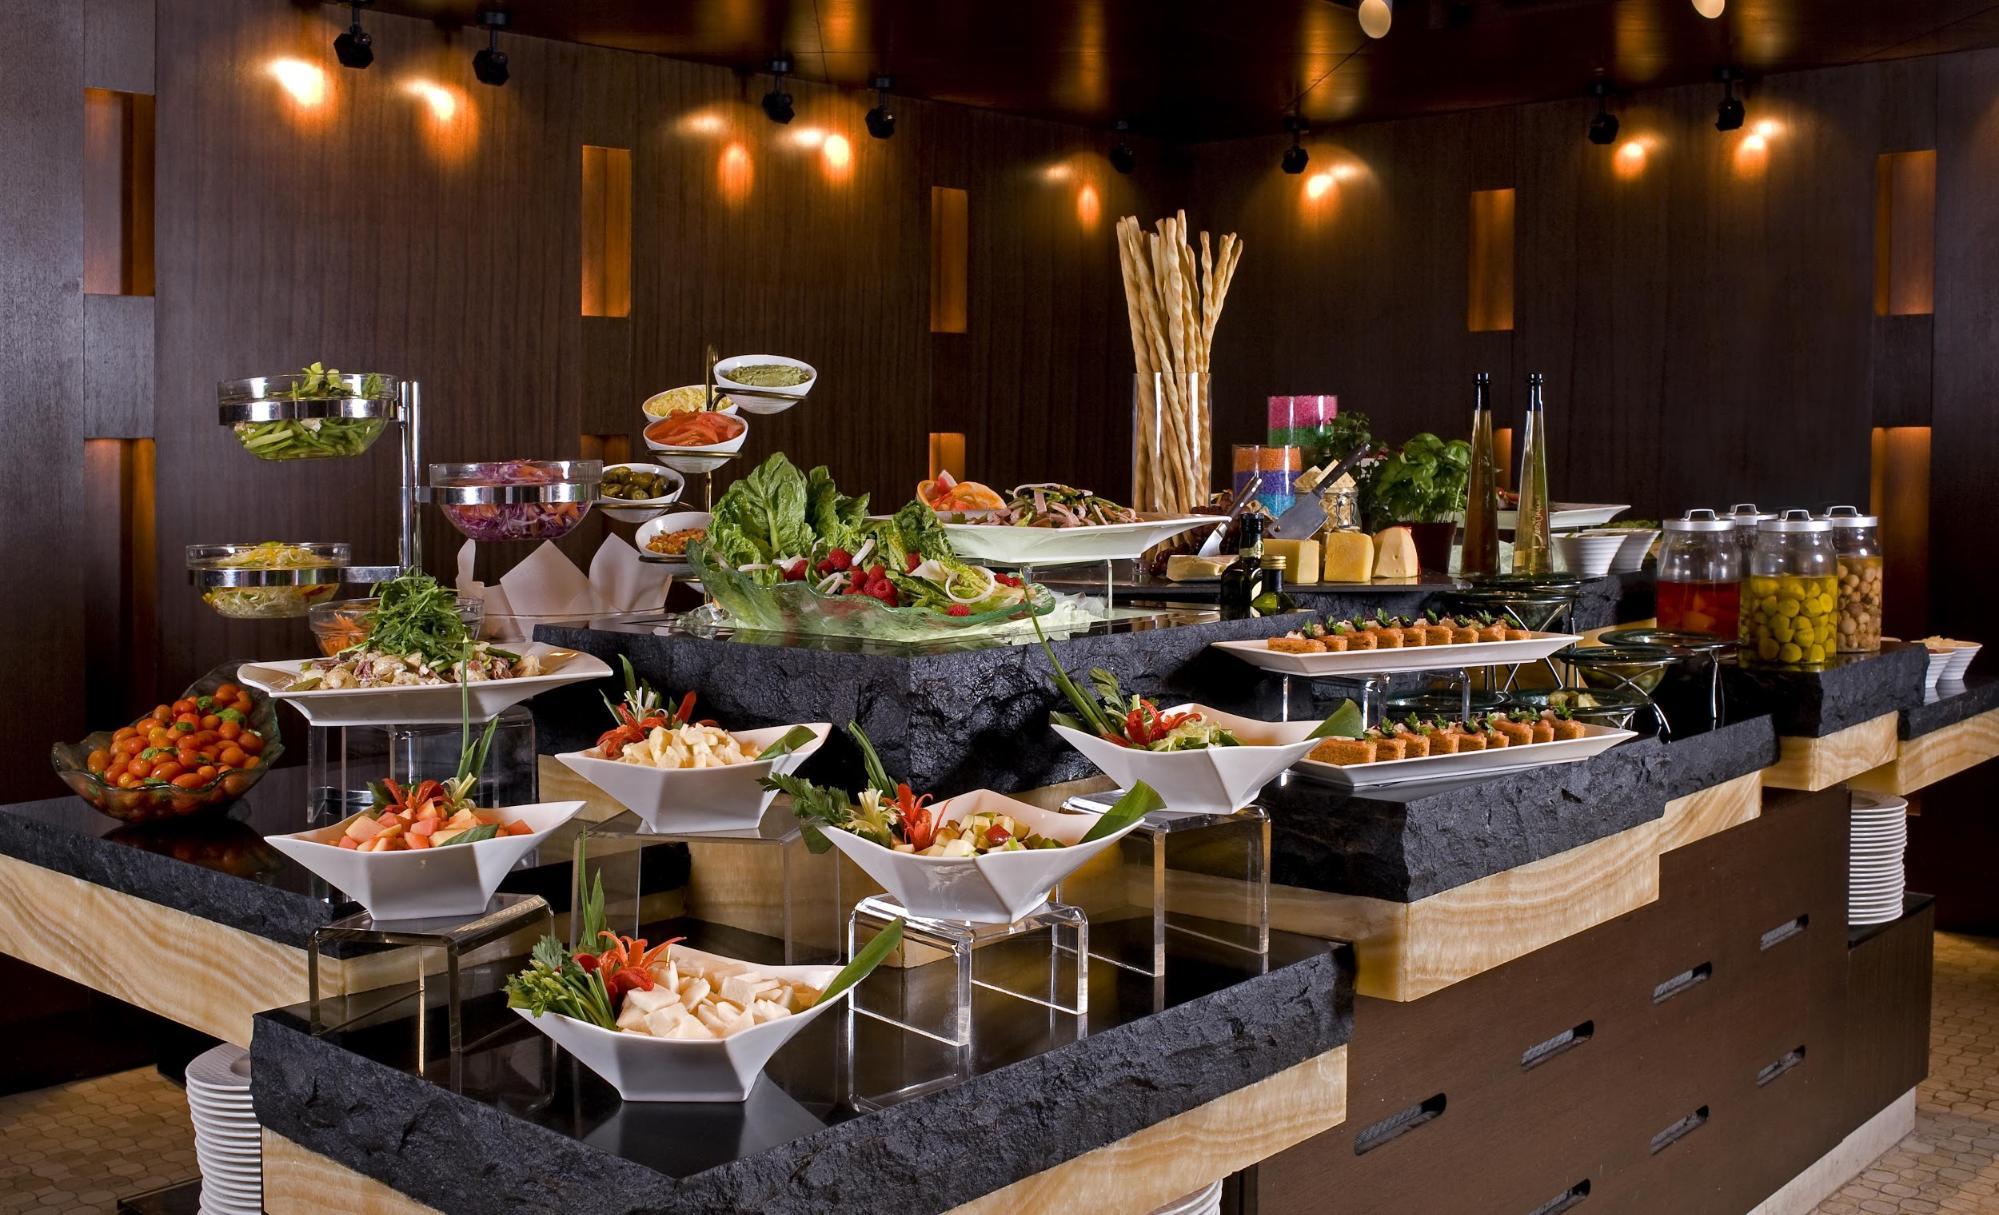 10 Best Hotel Buffets In Kuala Lumpur You Must Try In 2015